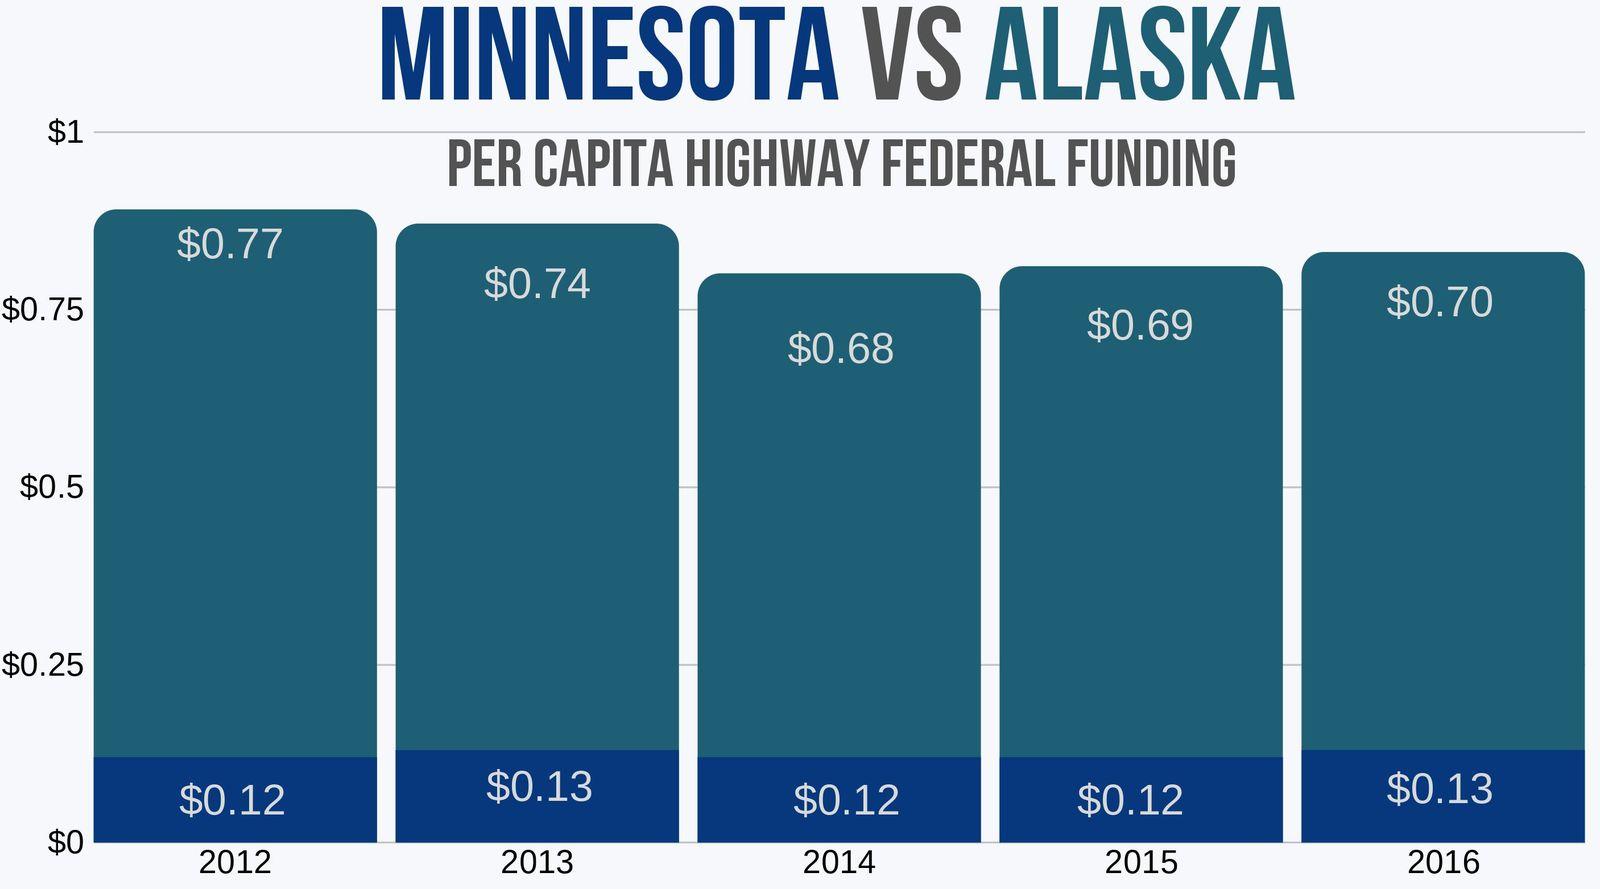 Minnesota vs Alaska per capita federal funding for highway repairs 2012-2016